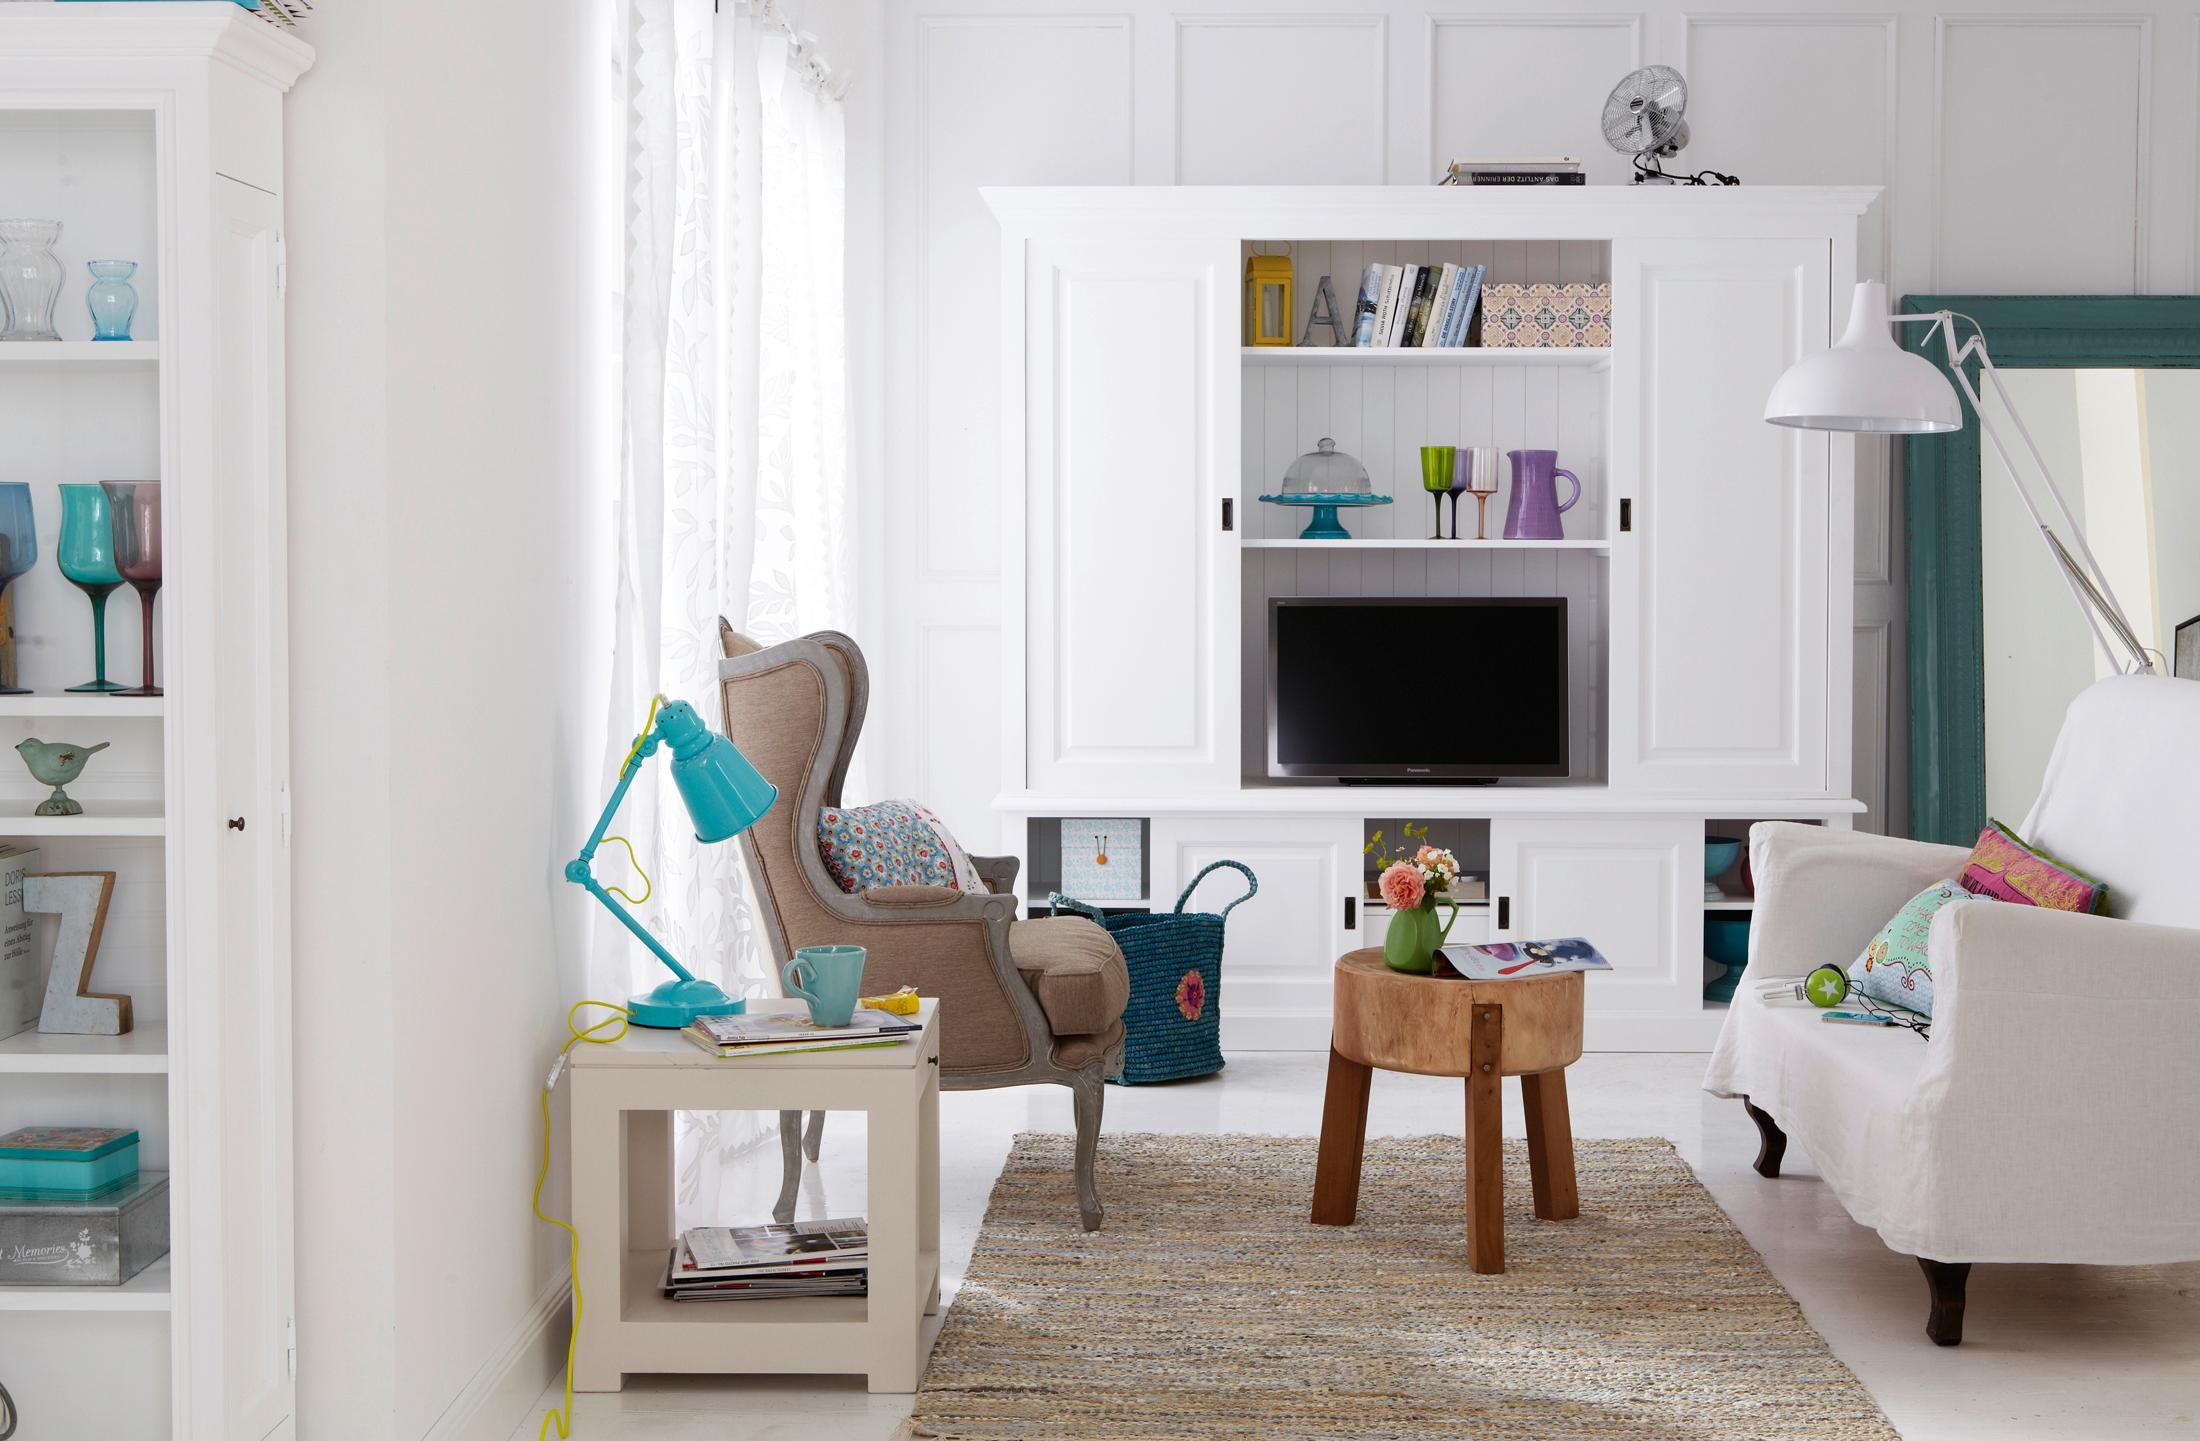 baumstamm bilder ideen couchstyle. Black Bedroom Furniture Sets. Home Design Ideas